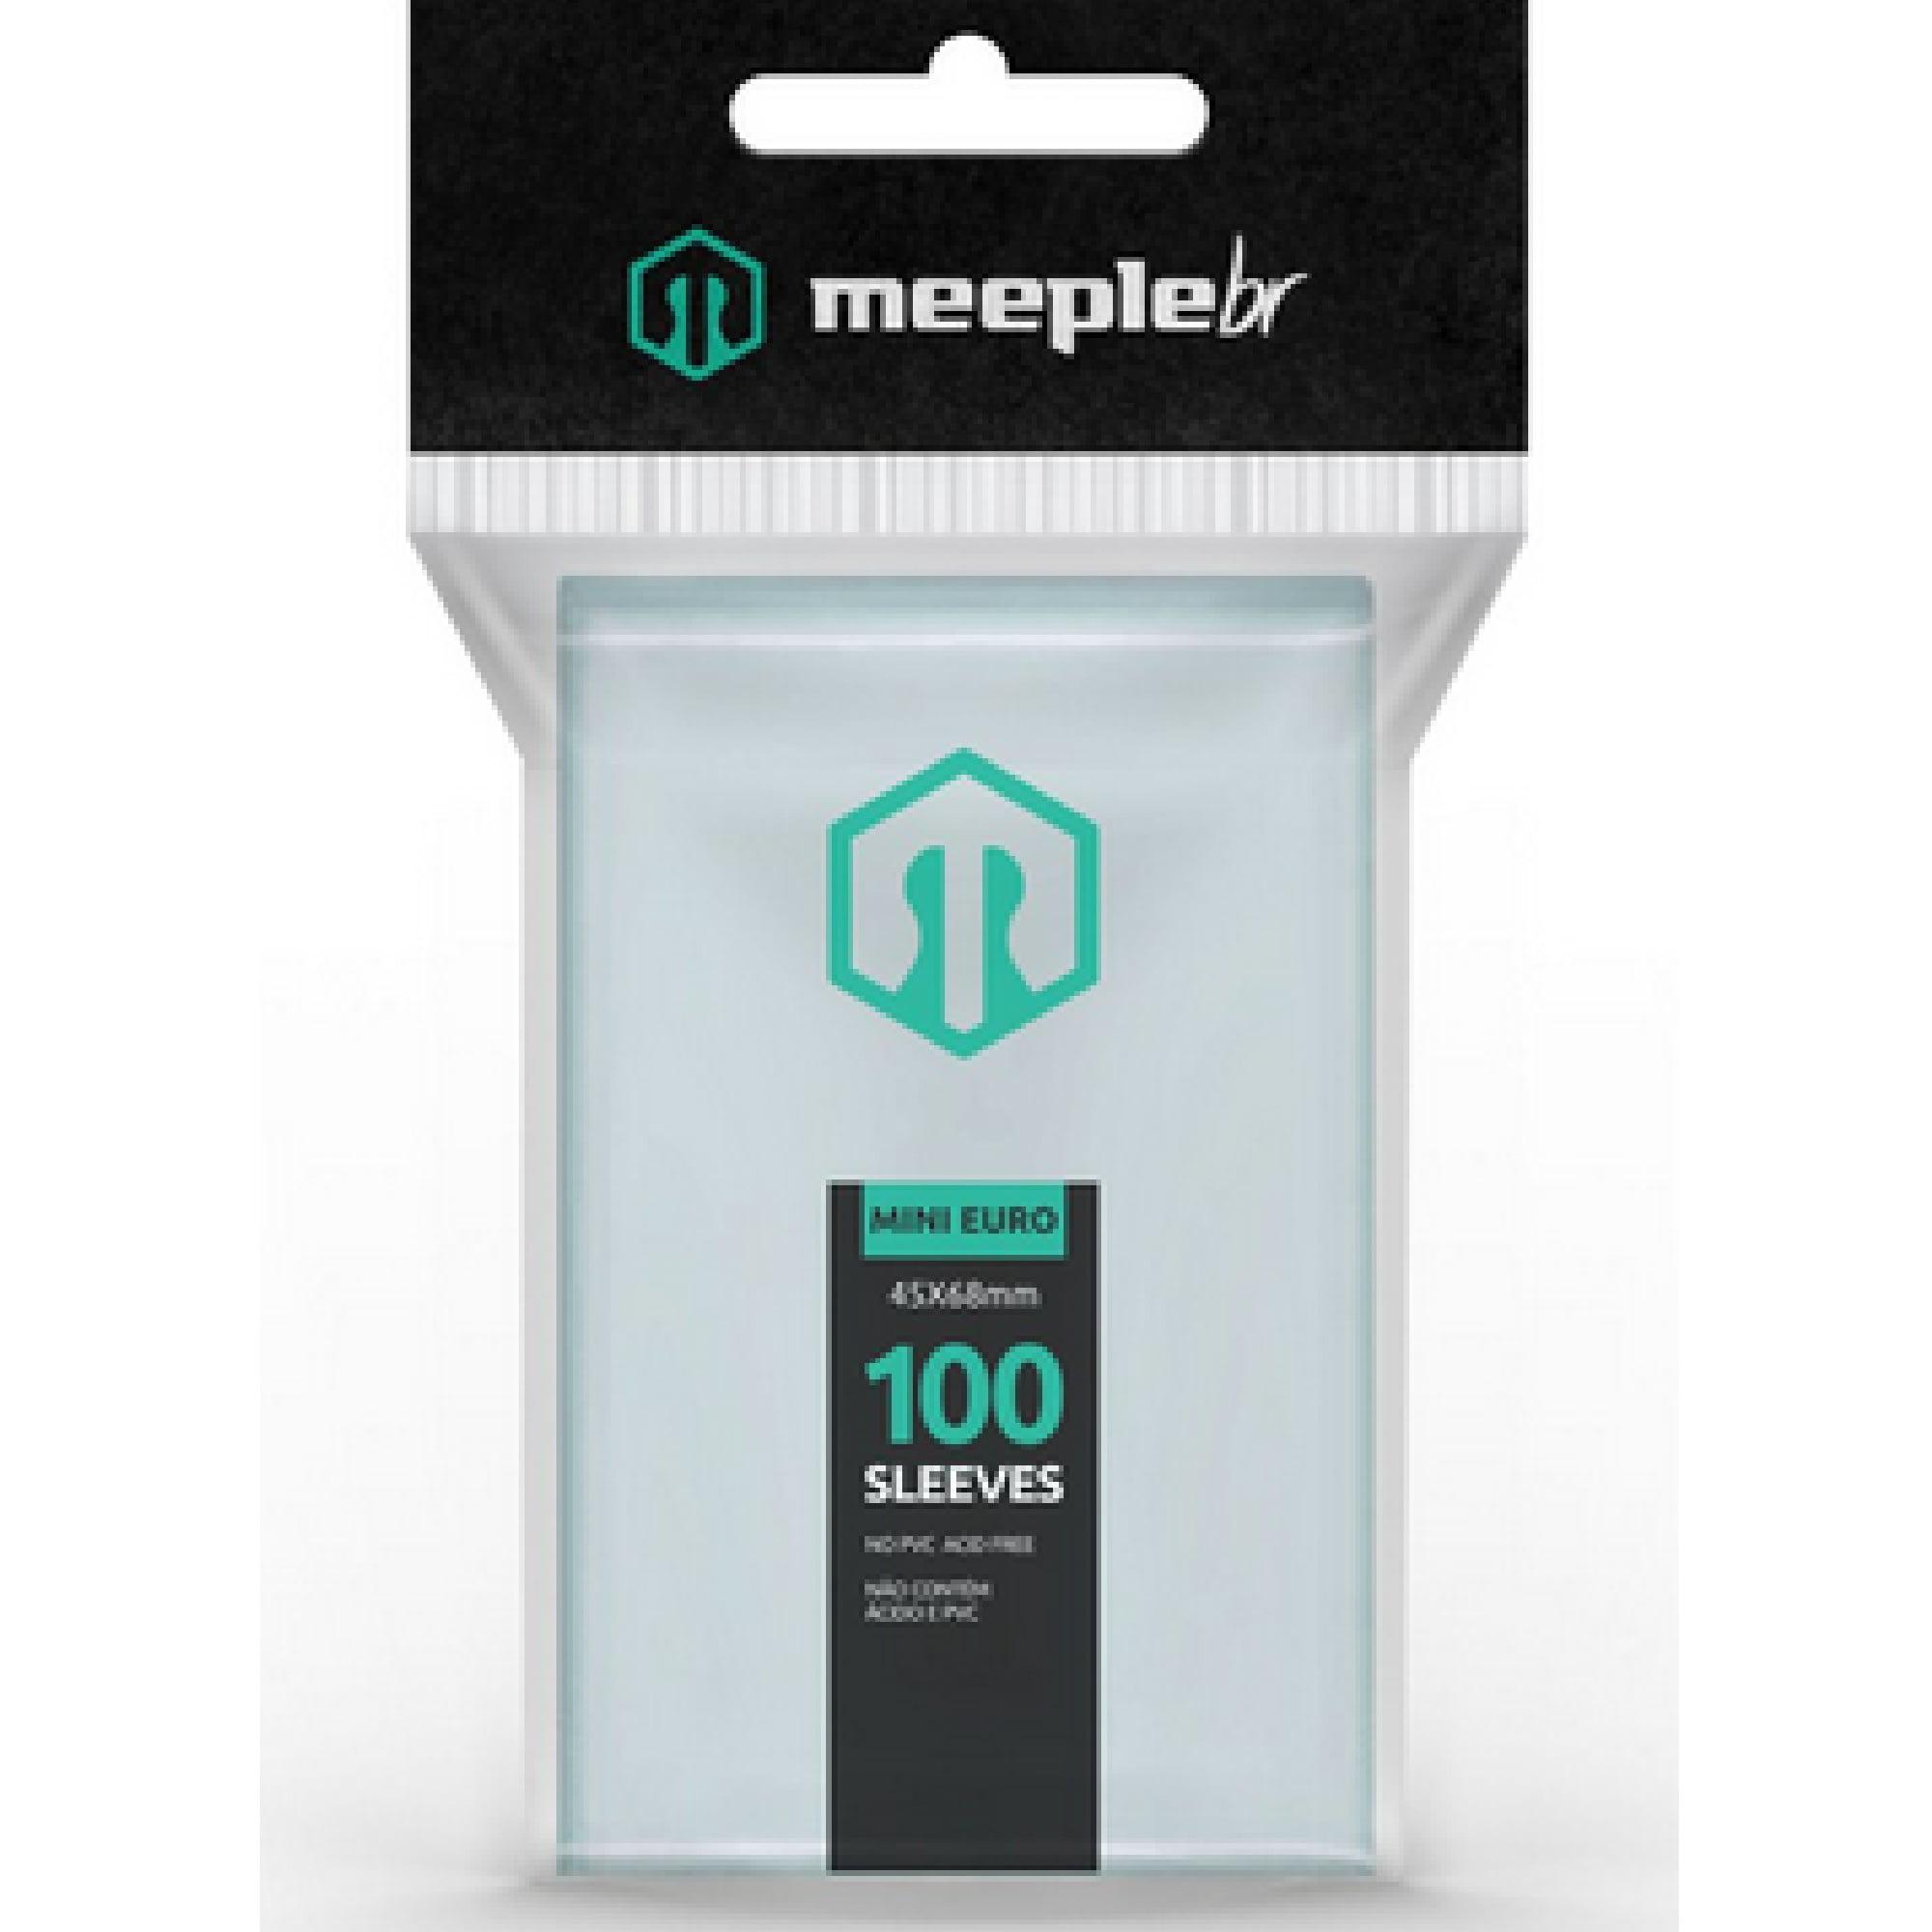 Sleeves Mini Euro (45 x 68mm) MeepleBR